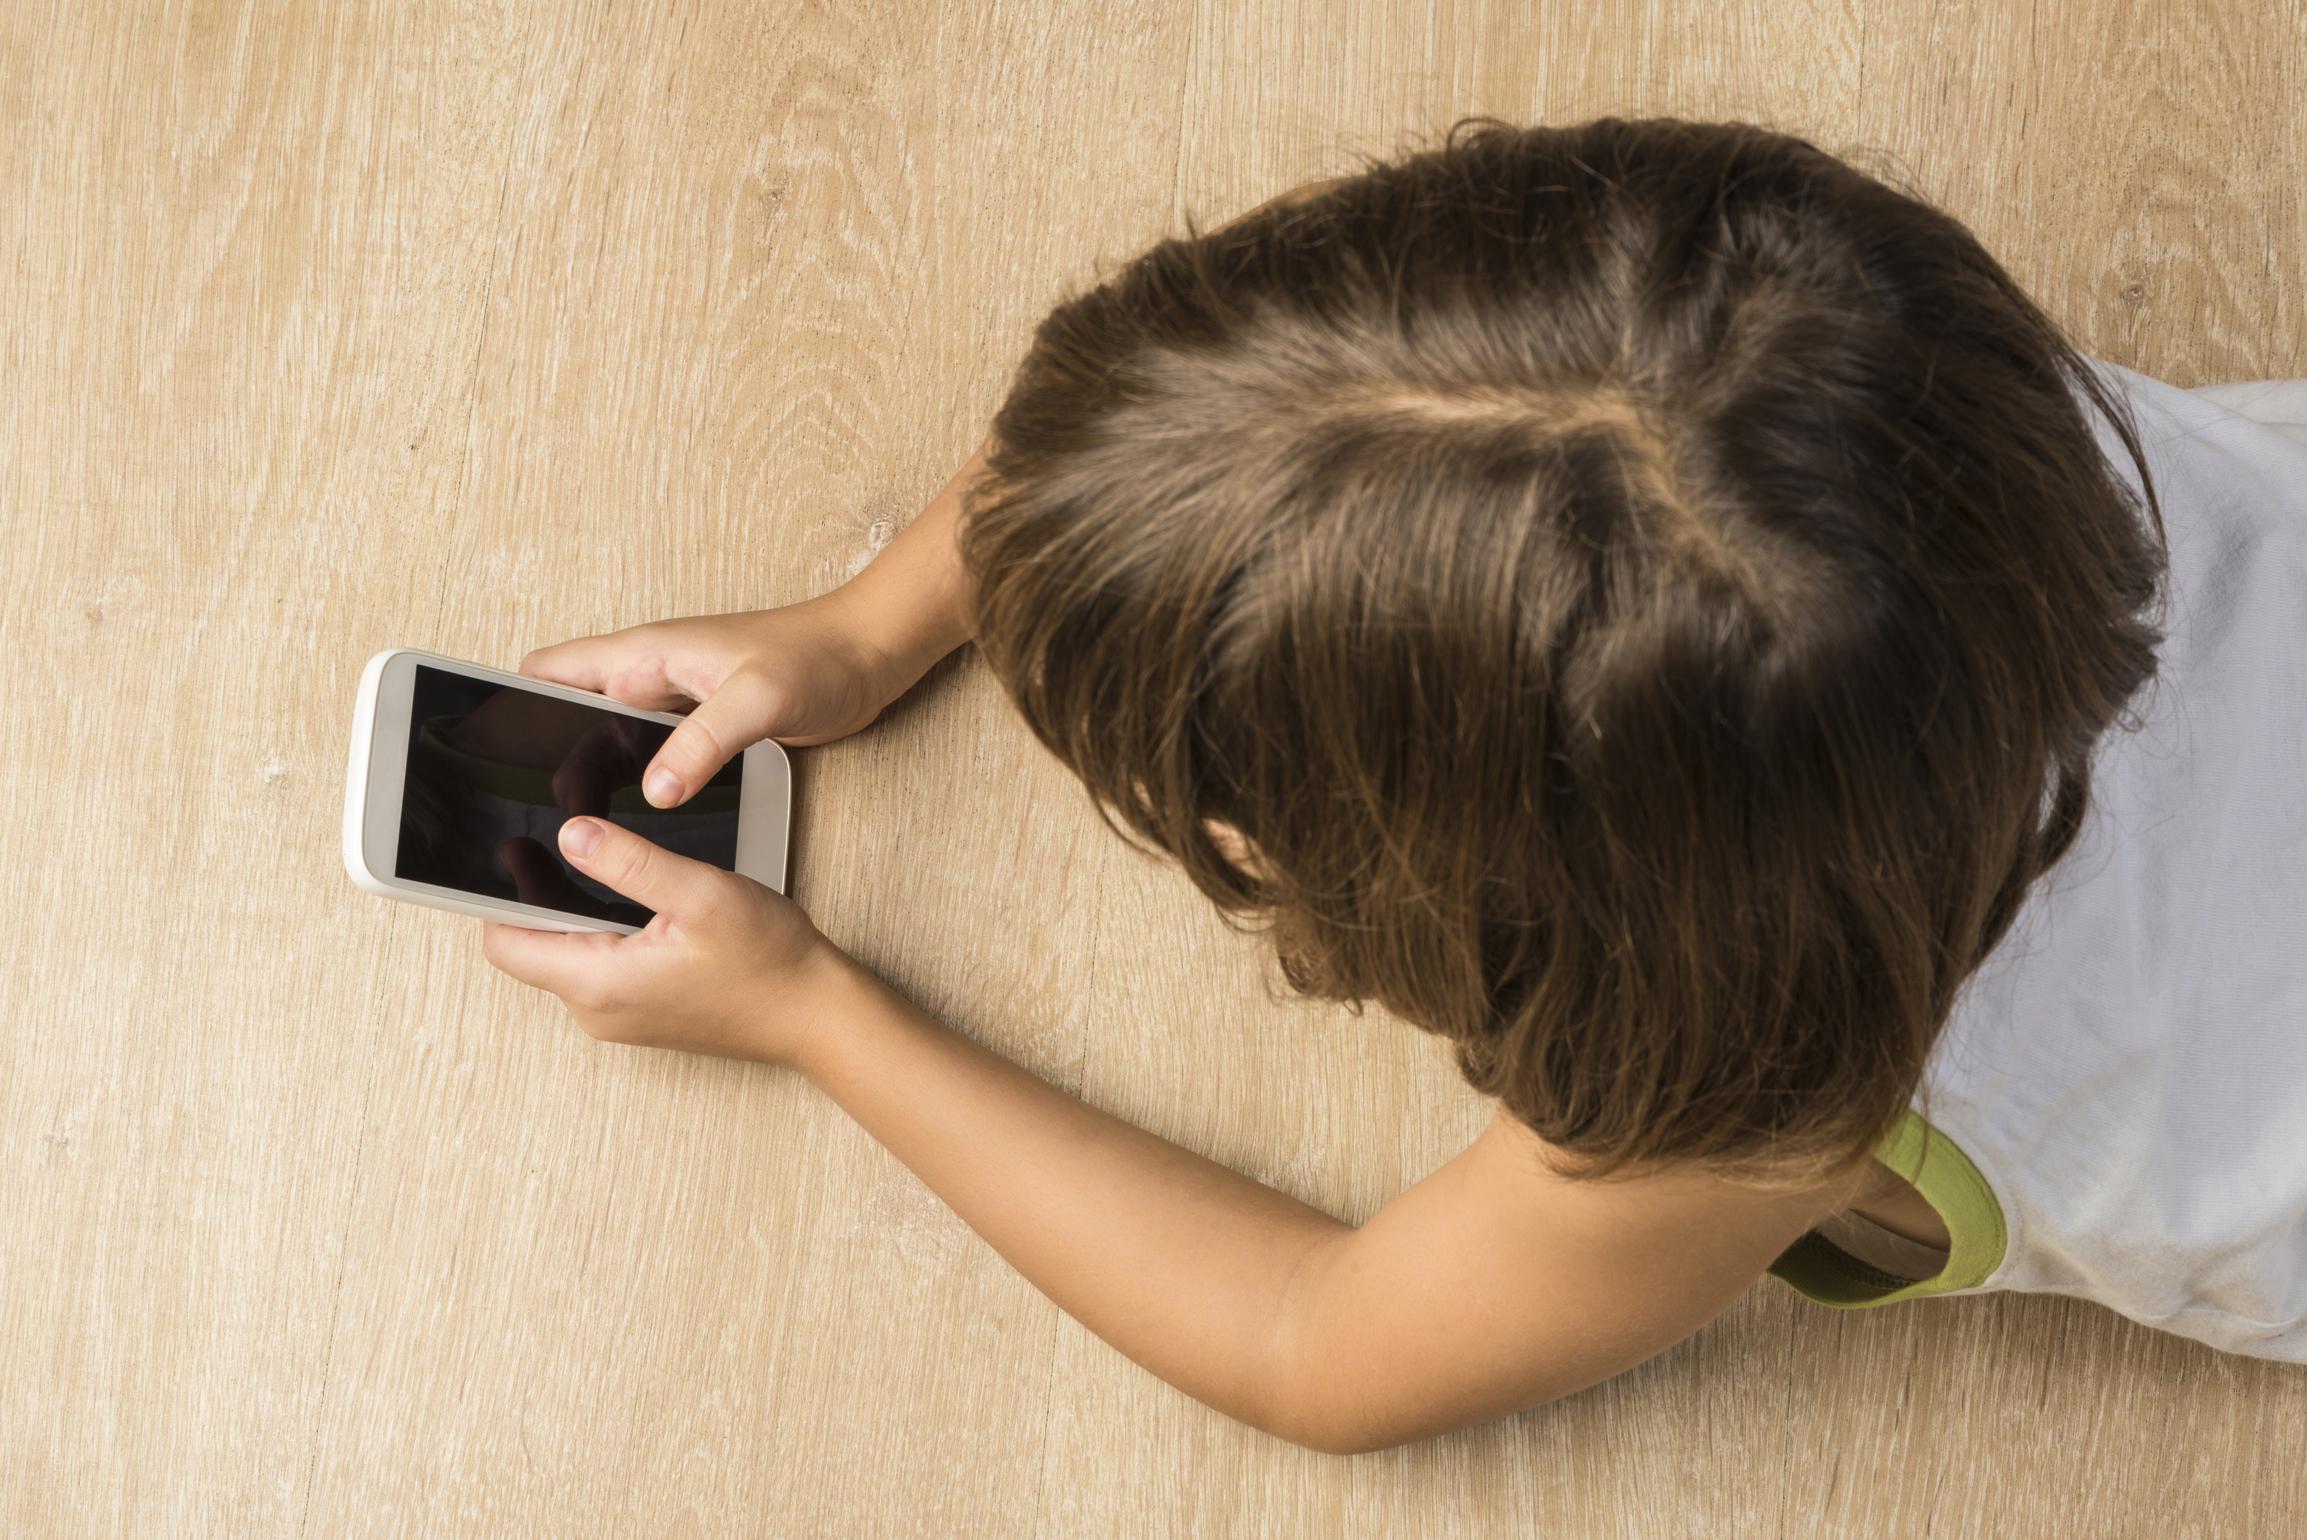 Le smartphone, thème de la 20ème Journée Nationale de l'Audition, le 9 mars prochain